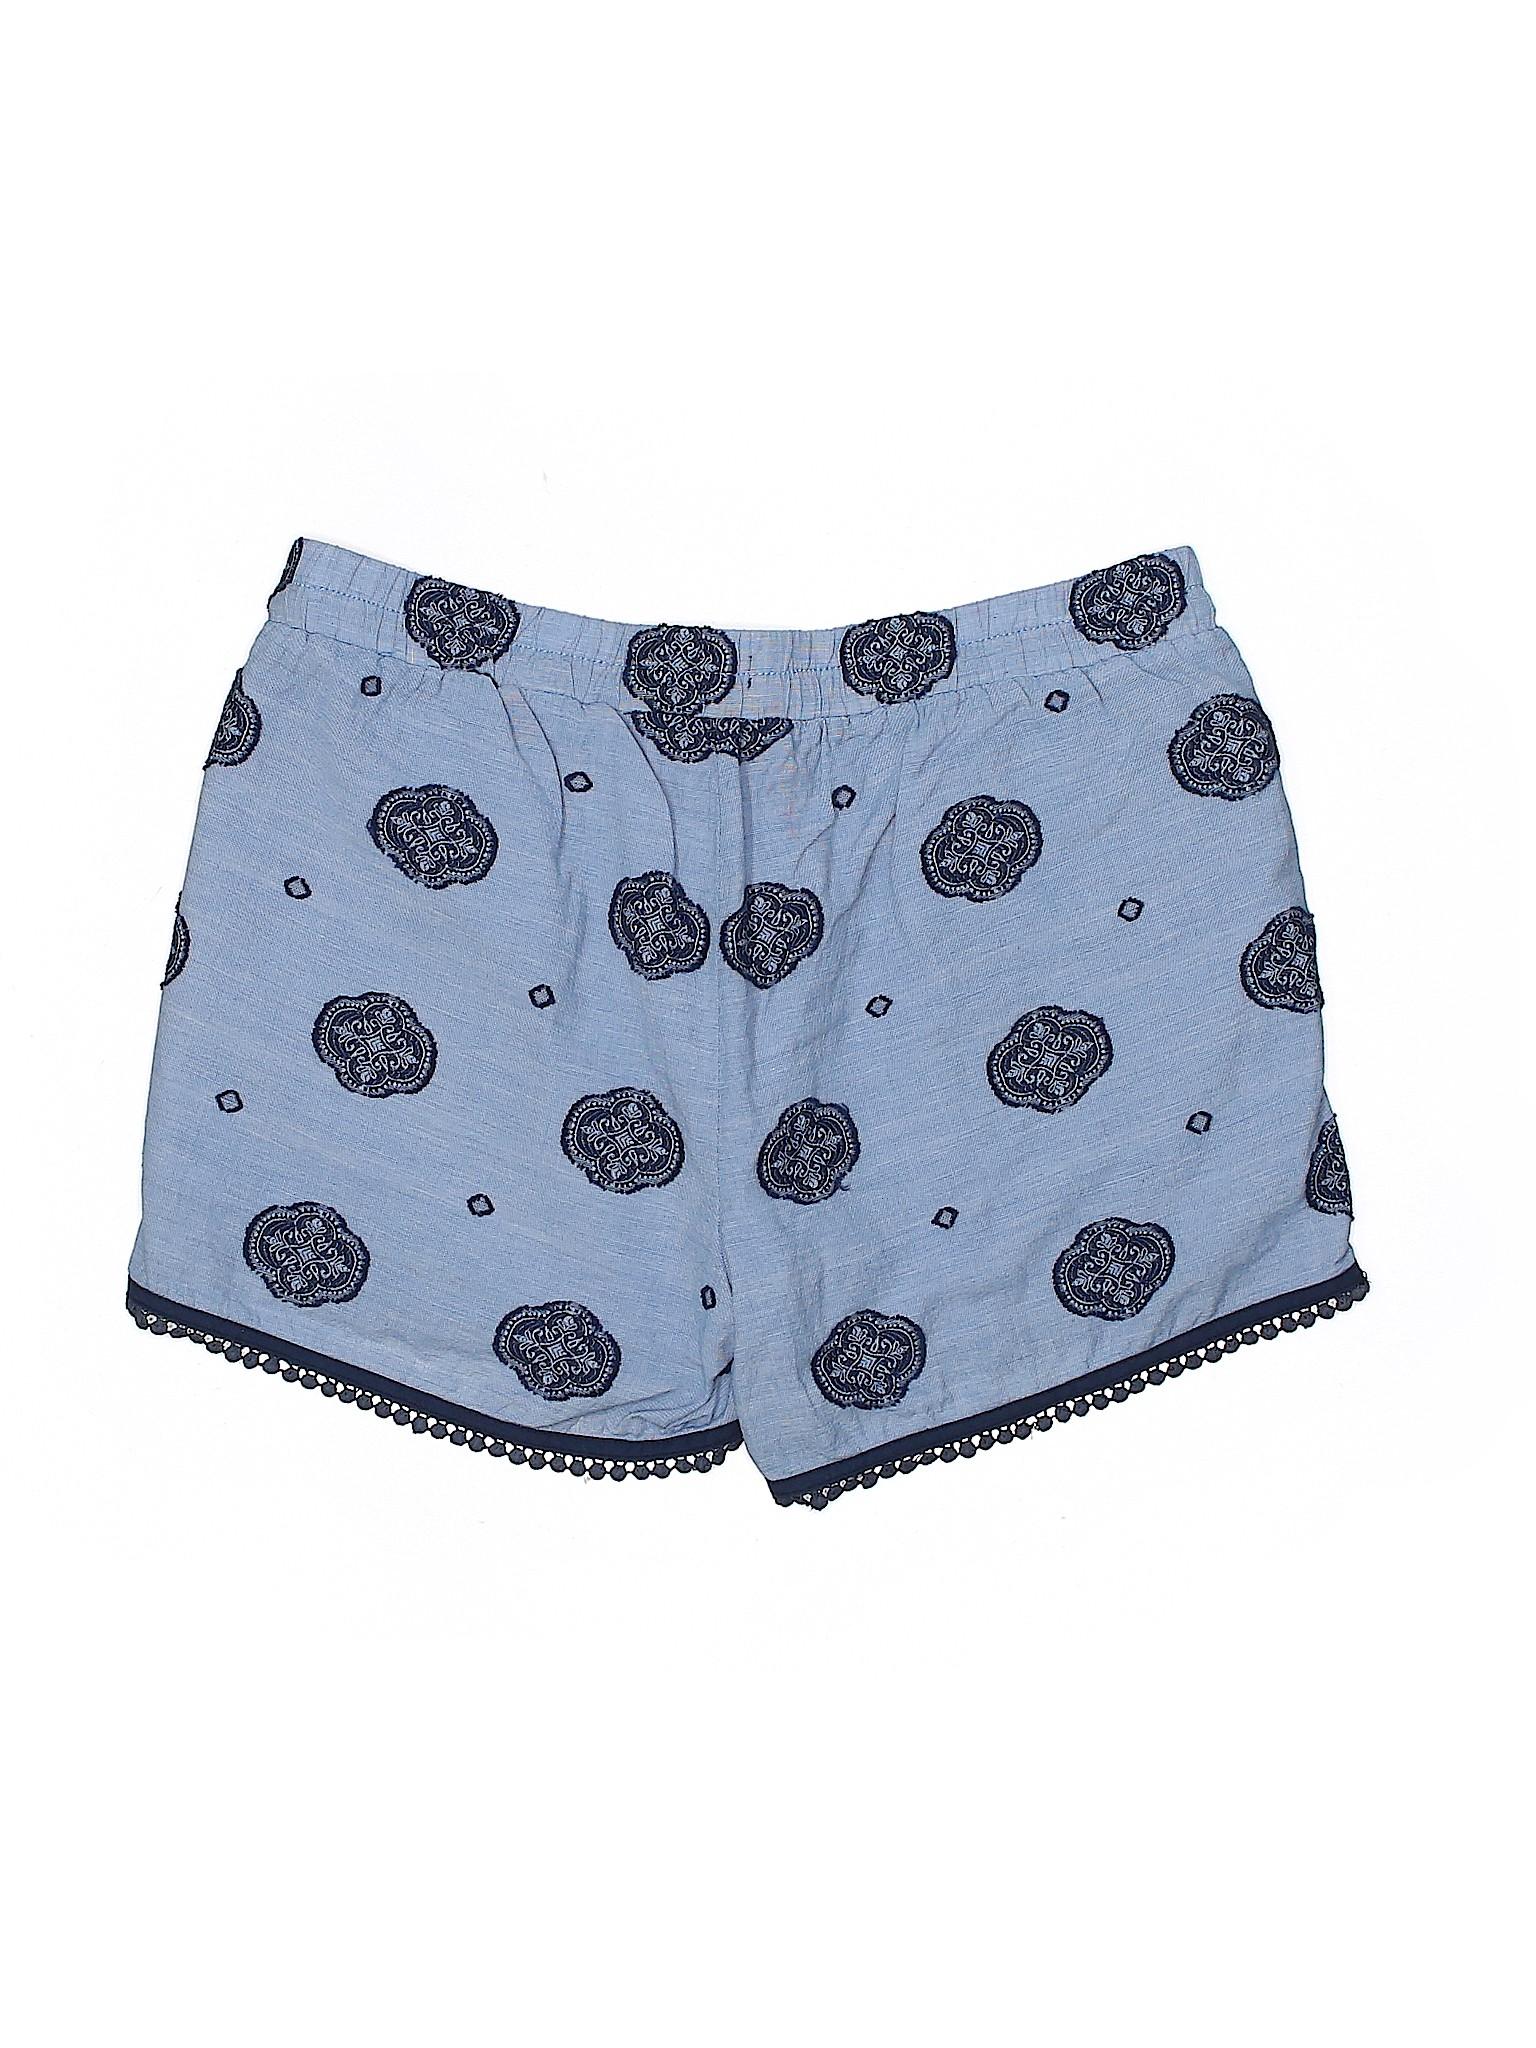 Ann Taylor Boutique Boutique Shorts Ann LOFT LOFT Shorts LOFT Ann Taylor Boutique Taylor Shorts Boutique WqcyIAn7